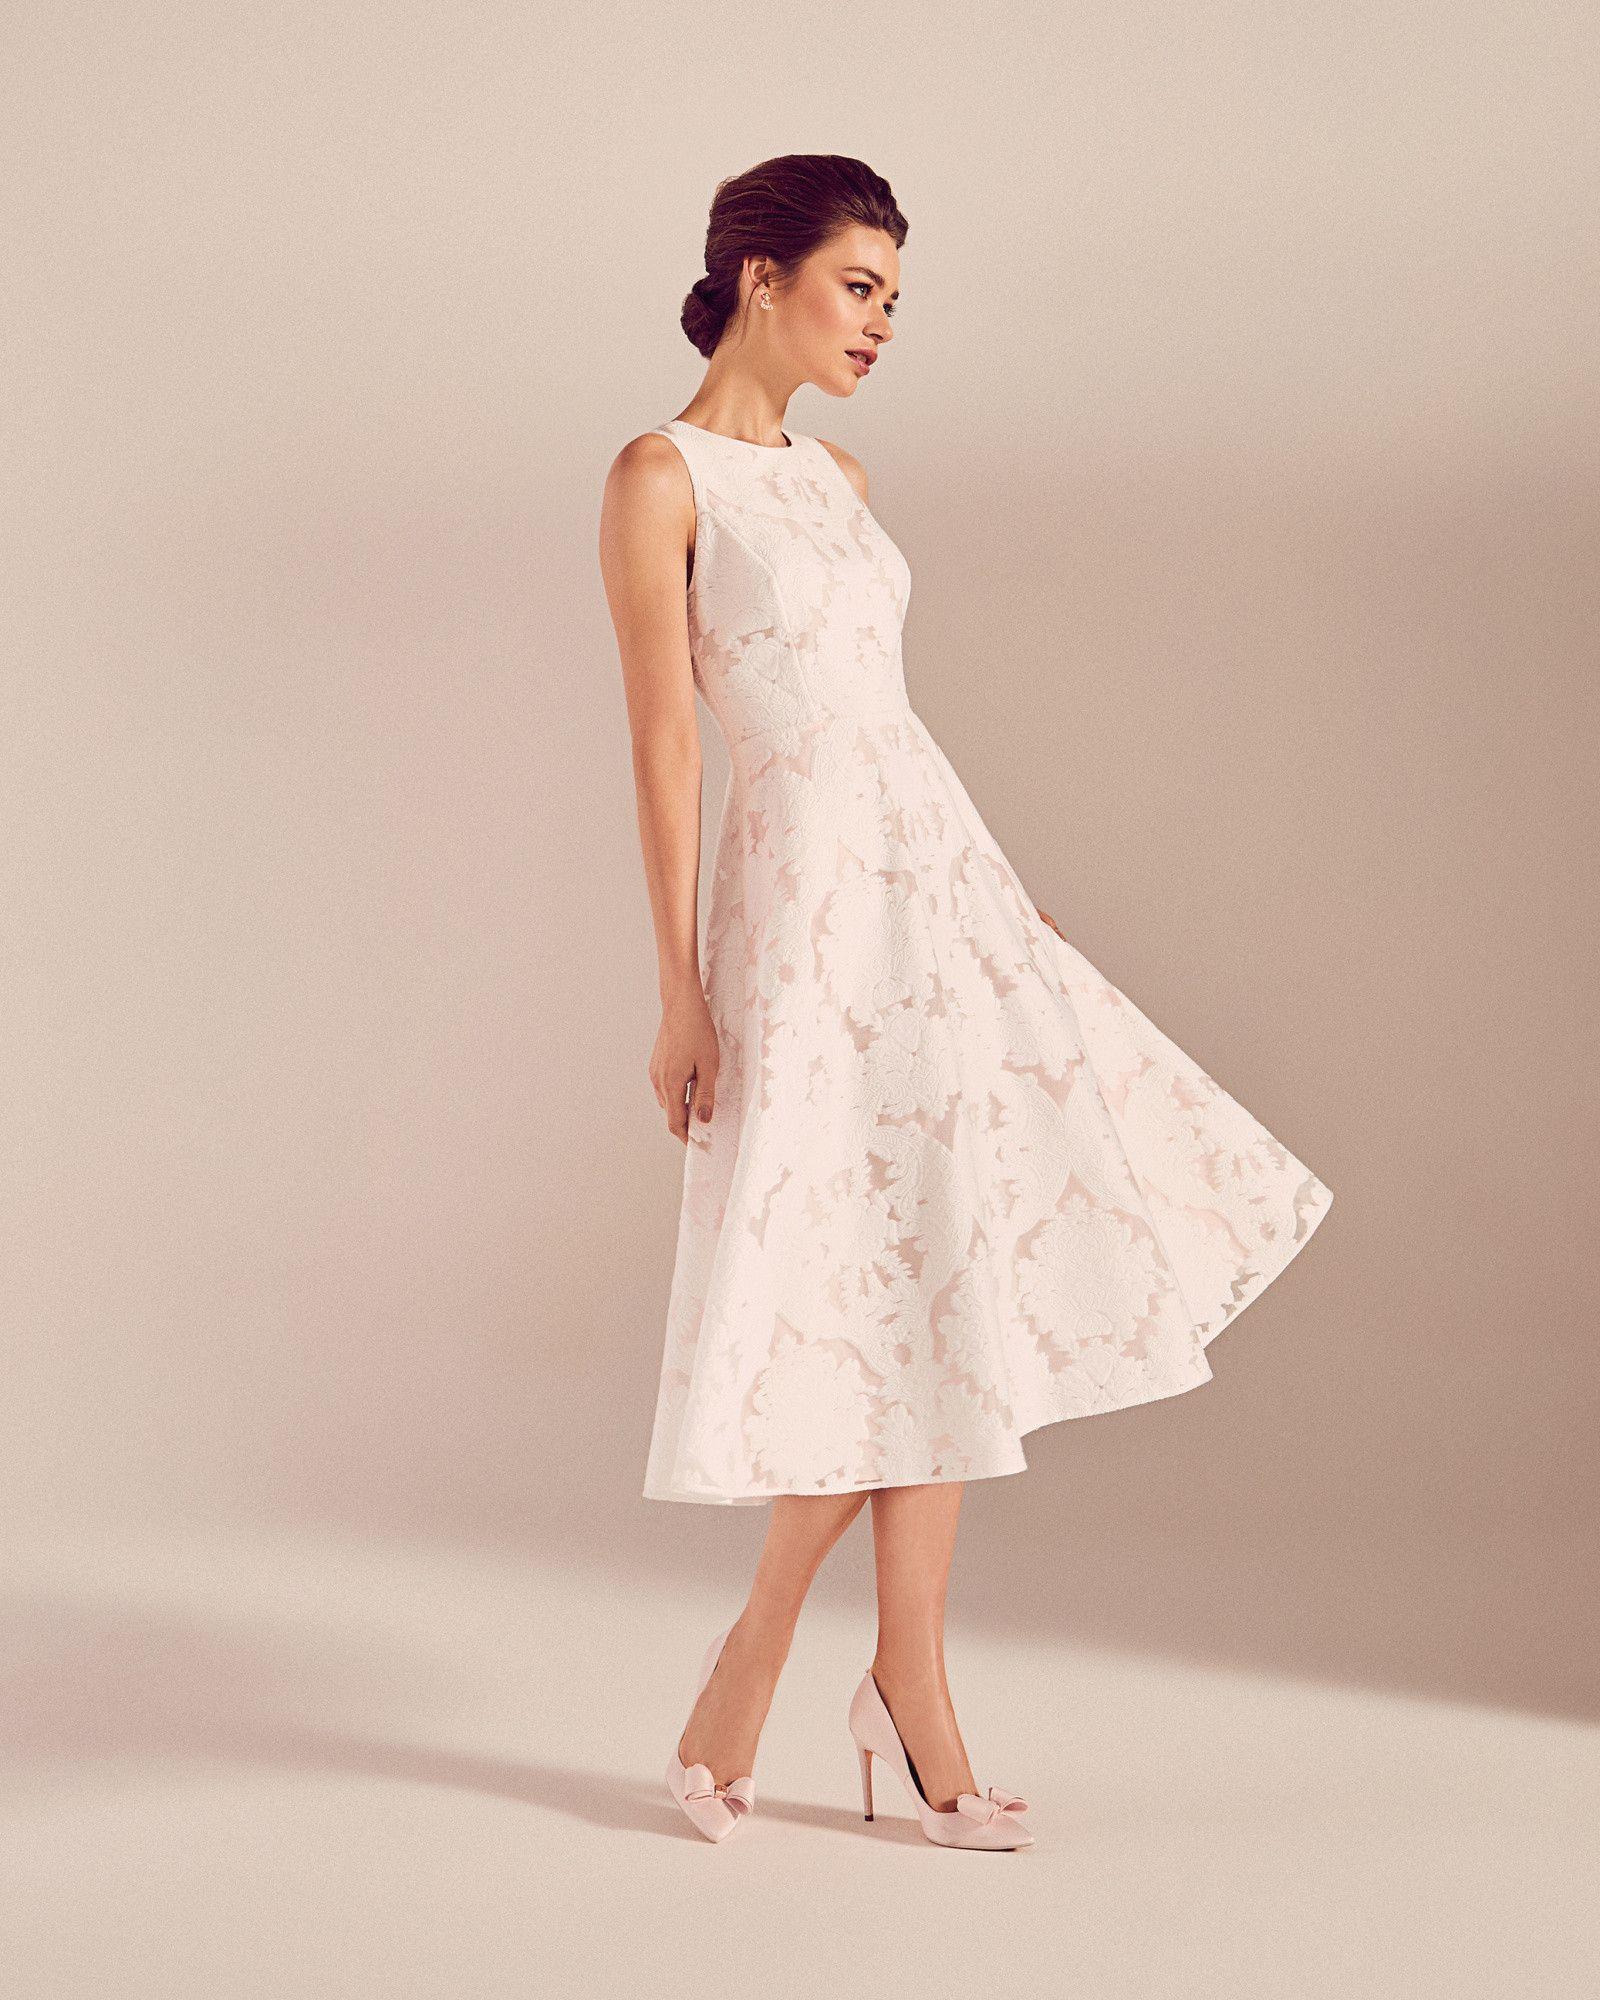 Burnt out sleeveless dress - Ivory  Dresses  Ted Baker $19